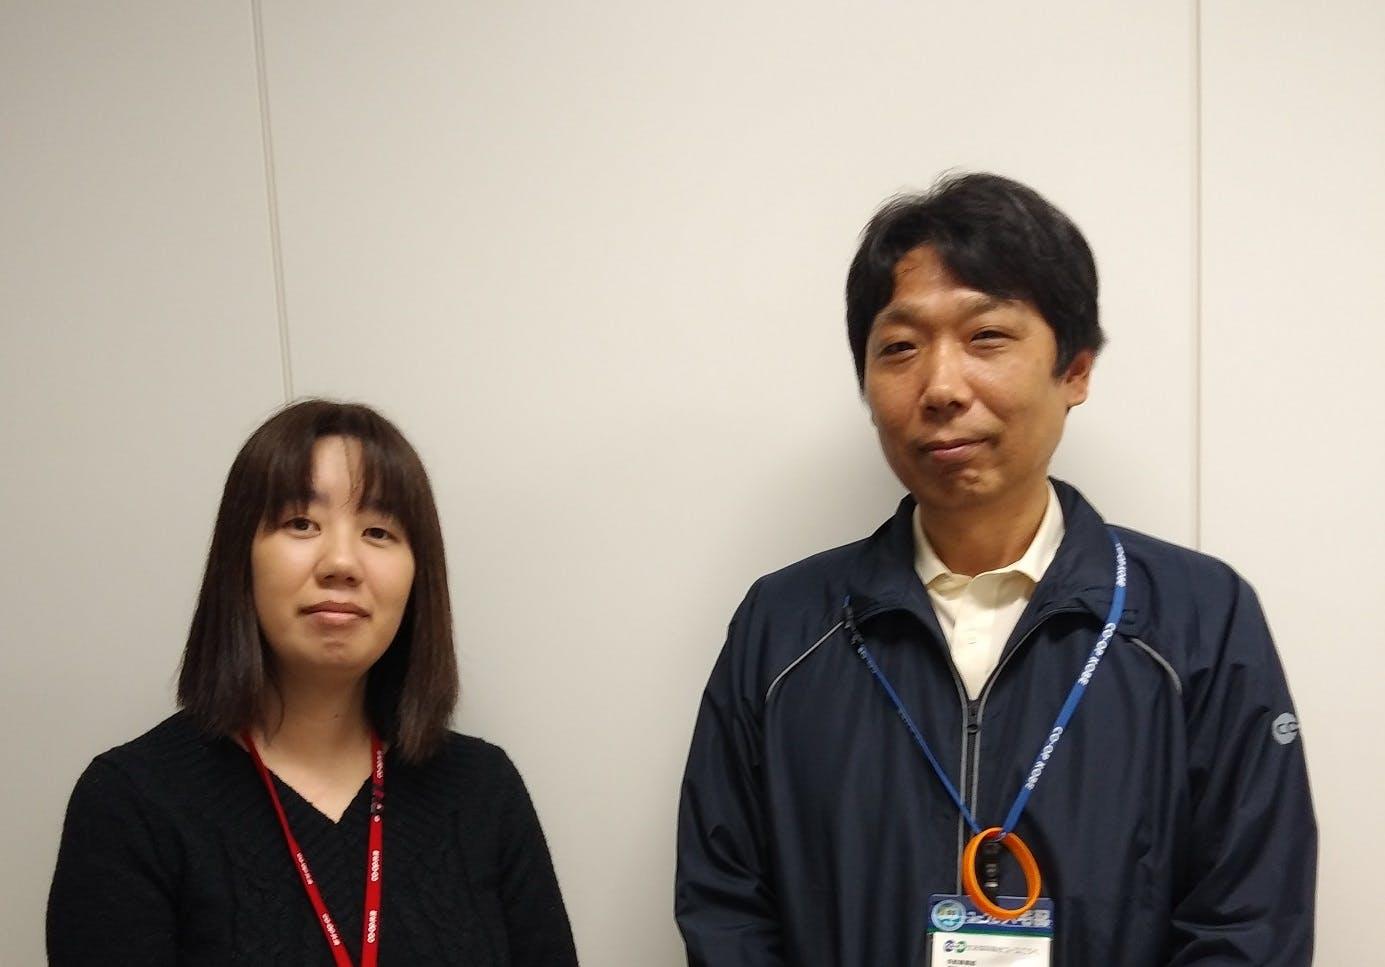 コープこうべ 供給事業部 小野田和之さん、情報・物流推進部 山下真未さん